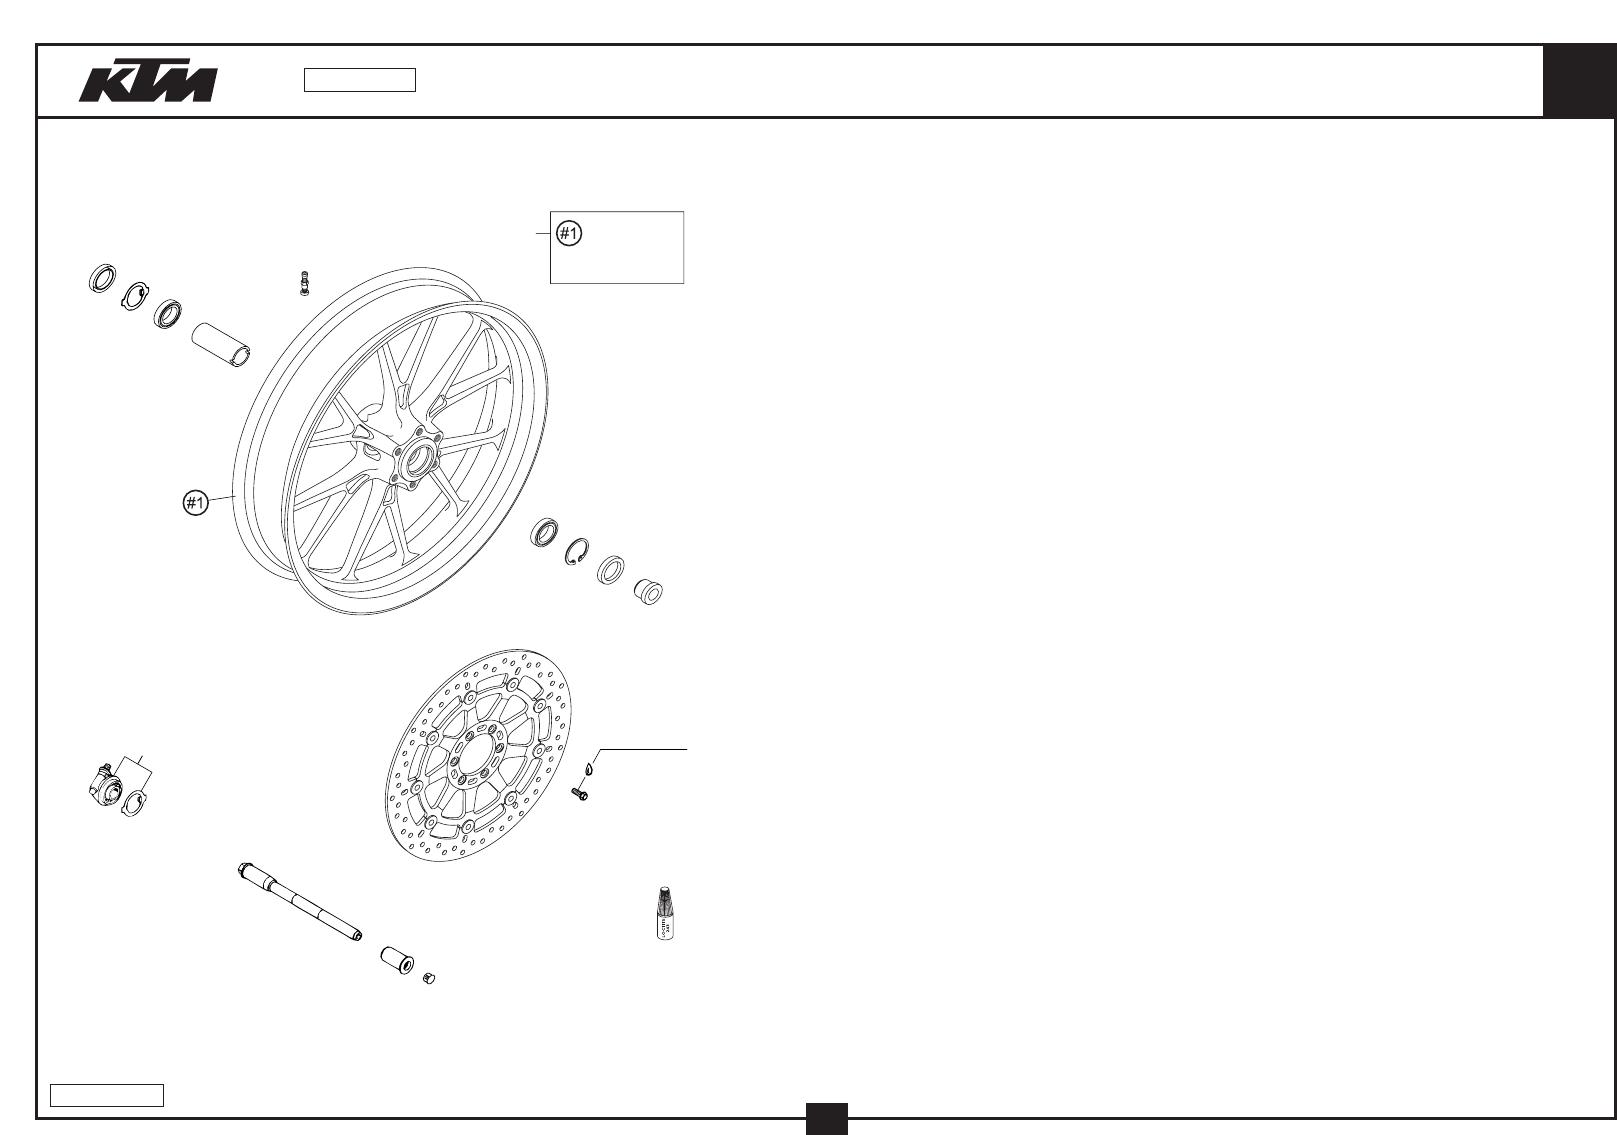 KTM 640 DUKE II ETK_Fgst_640_DukeII_2004 User Manual To